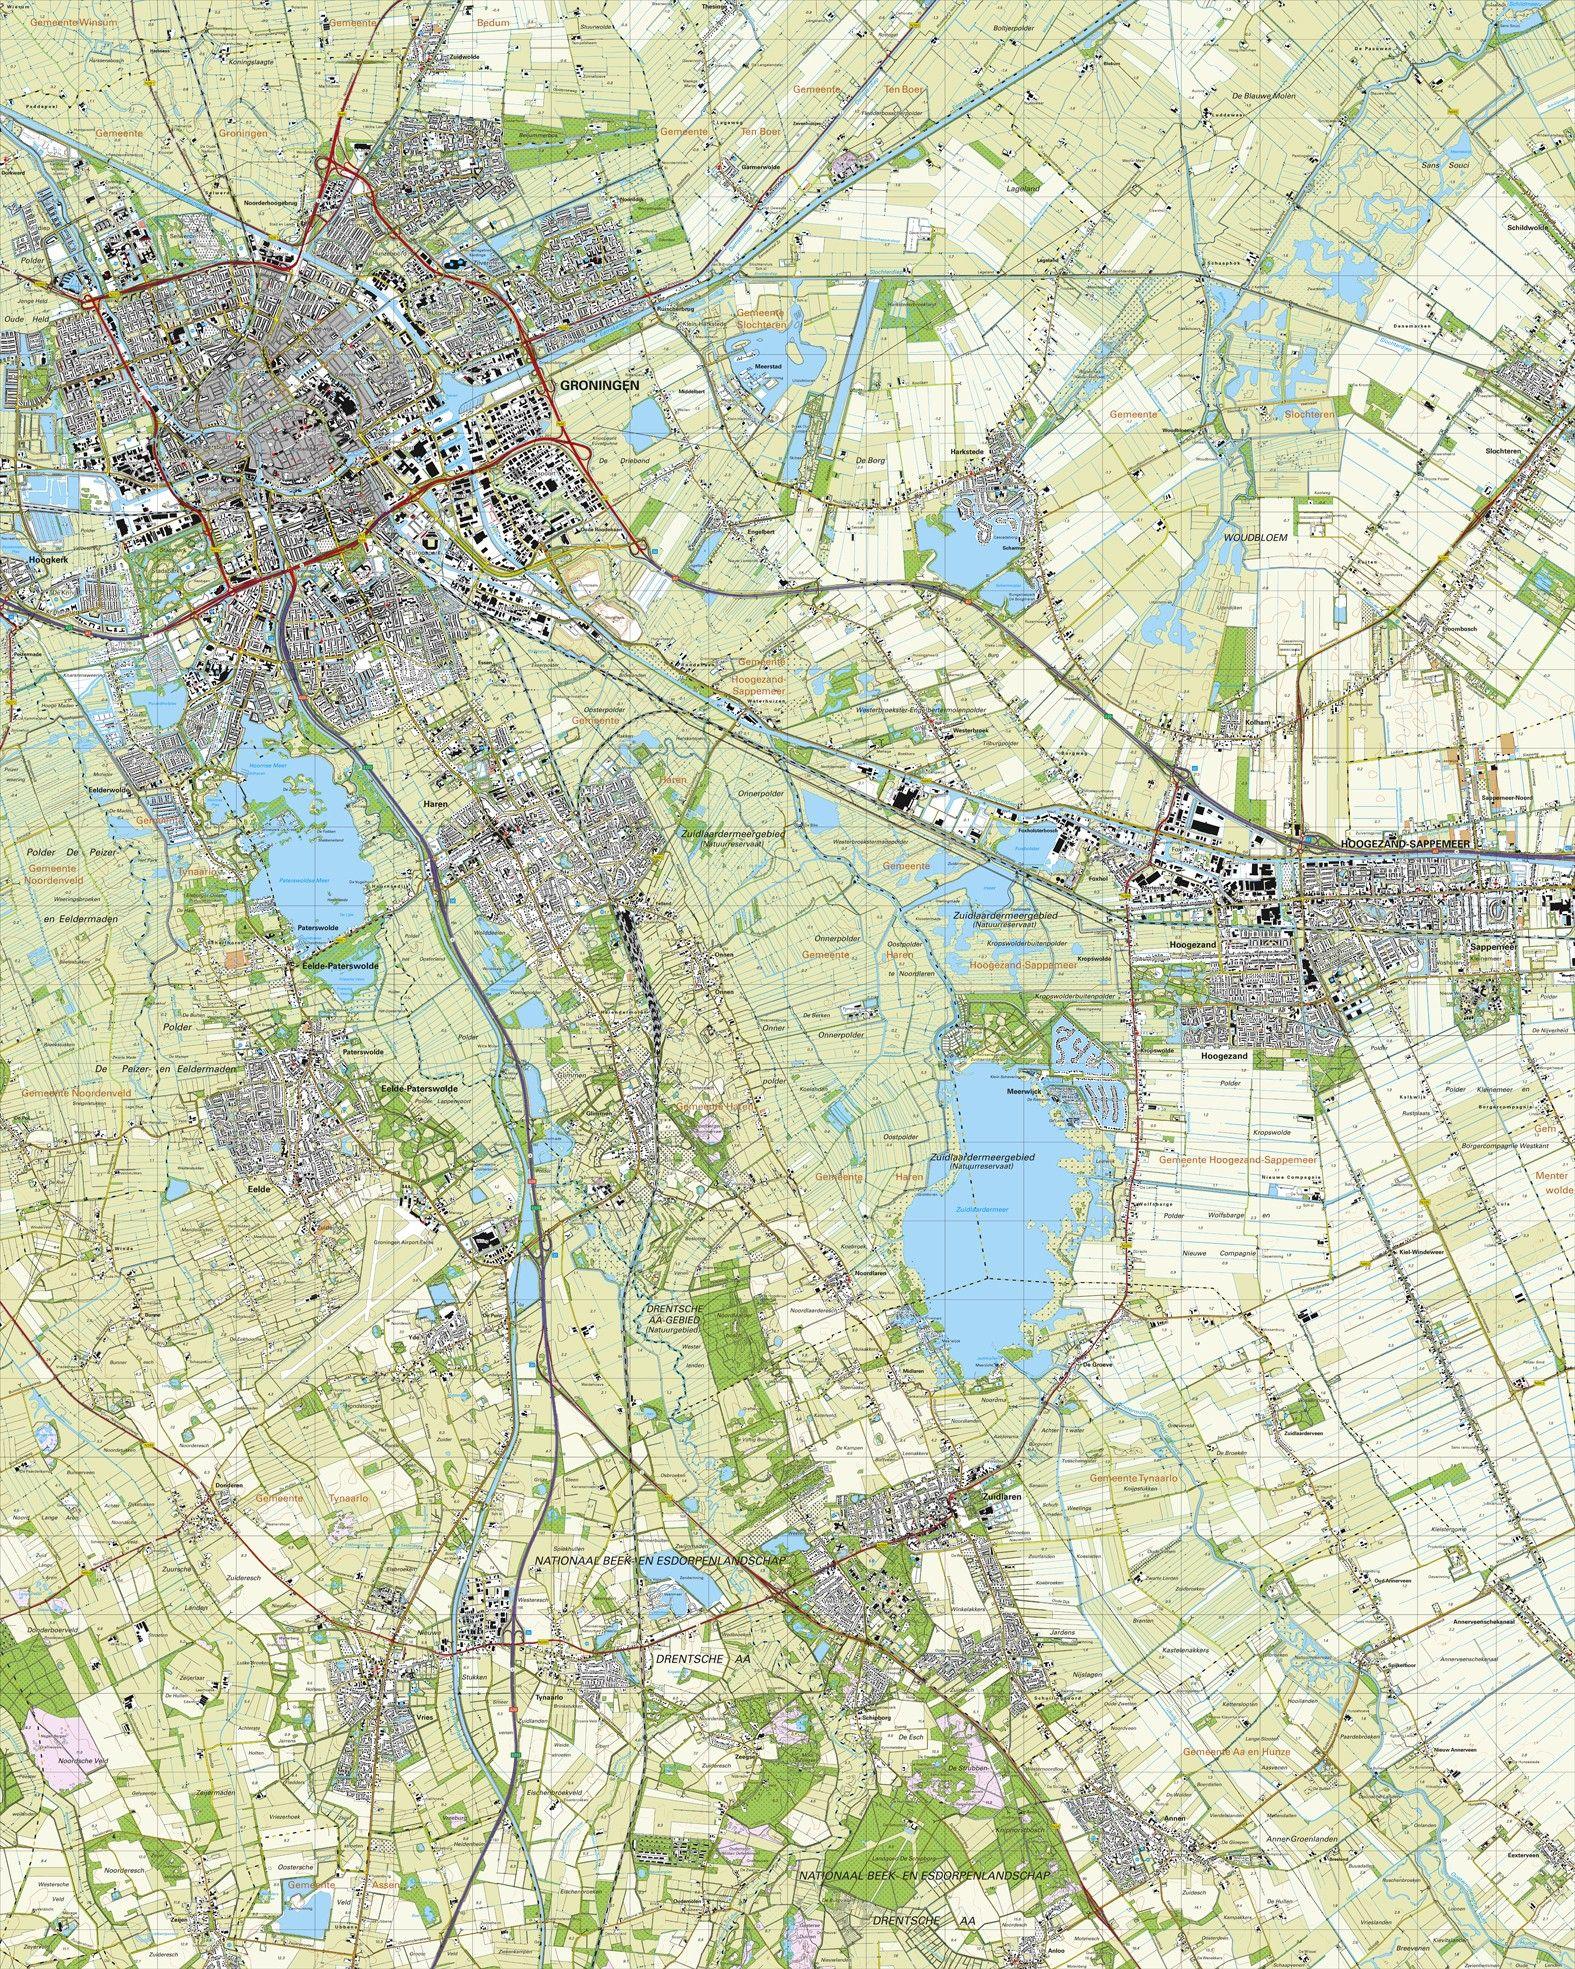 Topografische kaart schaal 1:25.000 (Groningen,Haren,Eelde,Hoogezand-Sappemeer,Zuidlaren)